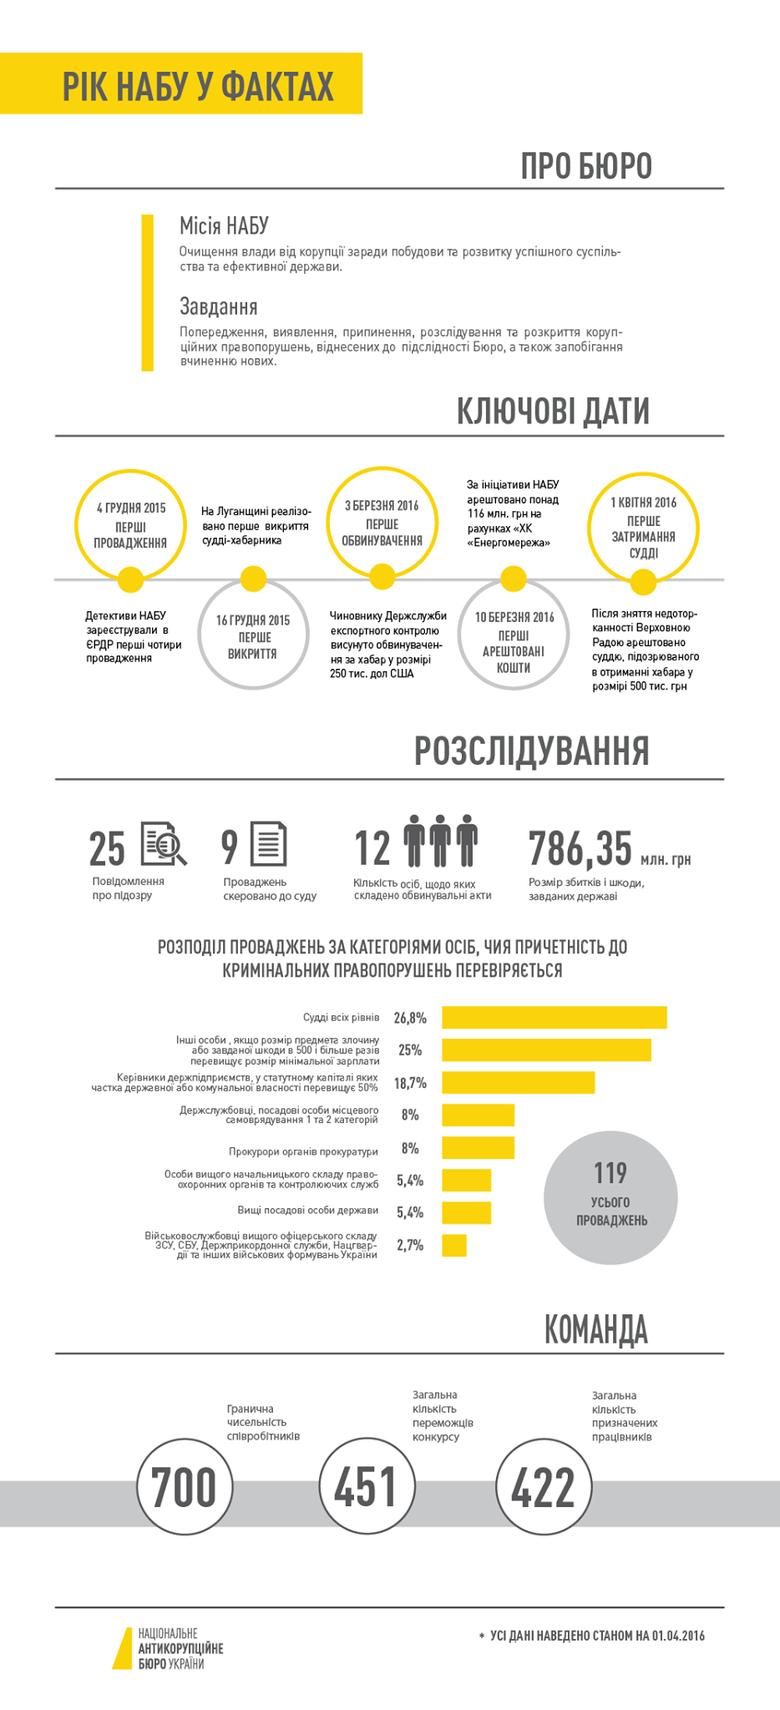 Національне антикорупційне бюро України станом на 1 квітня 2016 року порушило 119 кримінальних проваджень.